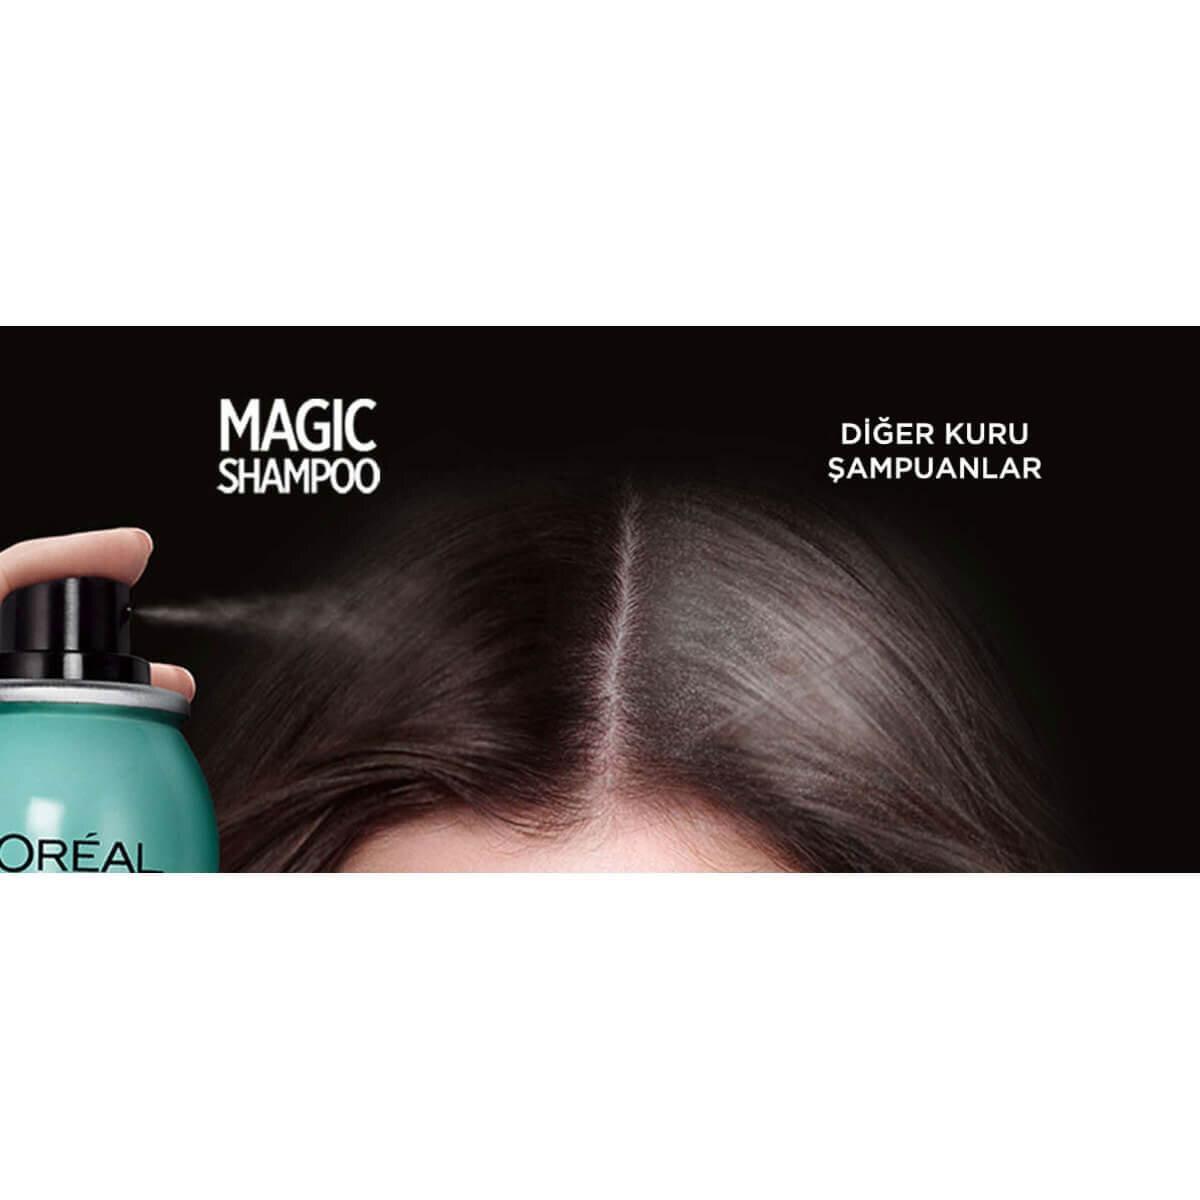 Magic Shampoo Görünmez Kuru Şampuan 200ml -Yağmur Ormanları